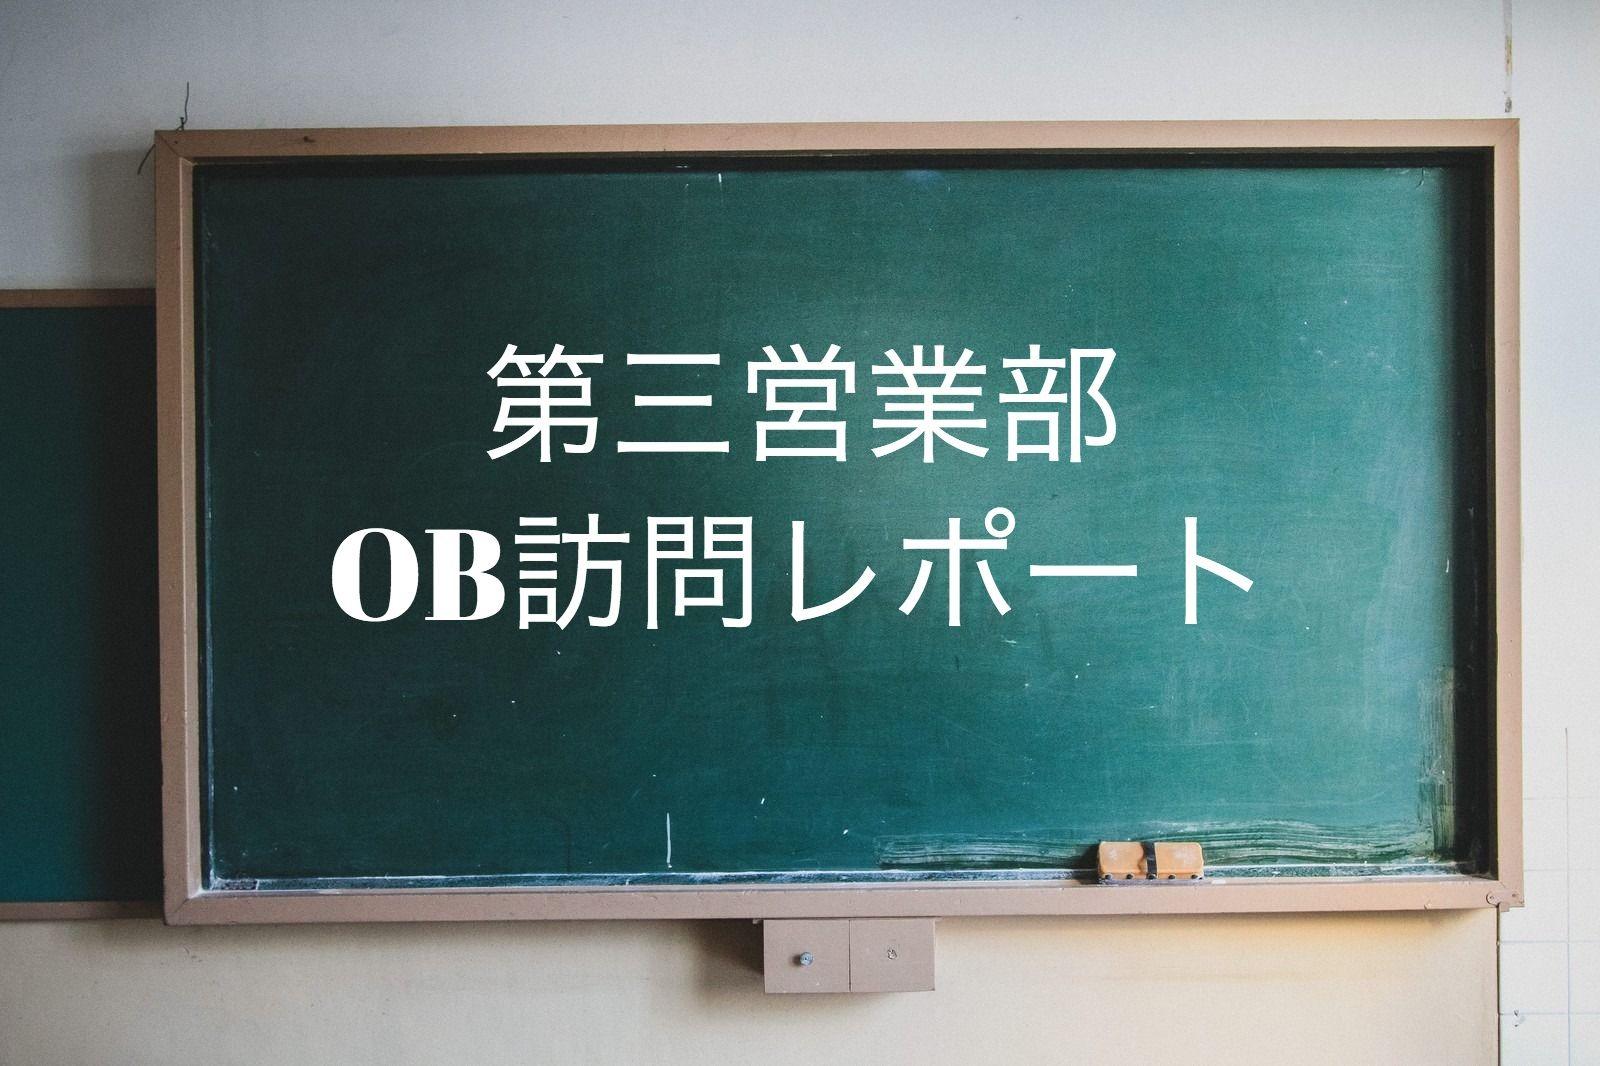 【学生OB訪問レポート】人材業界の営業マンが大事にしている2つのマインドと2つのToDo